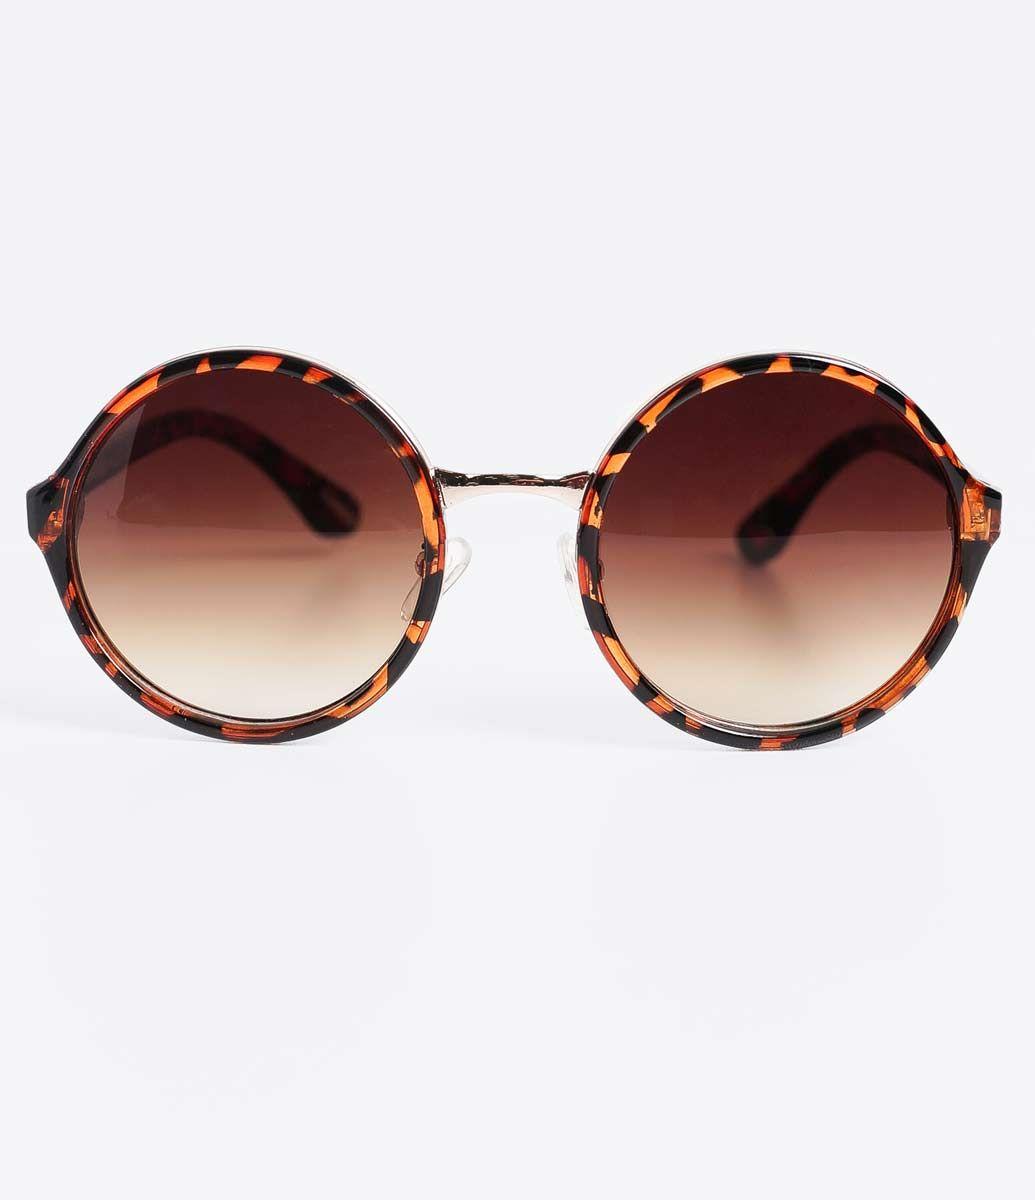 5dbe257806d5d Óculos de Sol Feminino Redondo - Lojas Renner …   Accessories   Óculo…